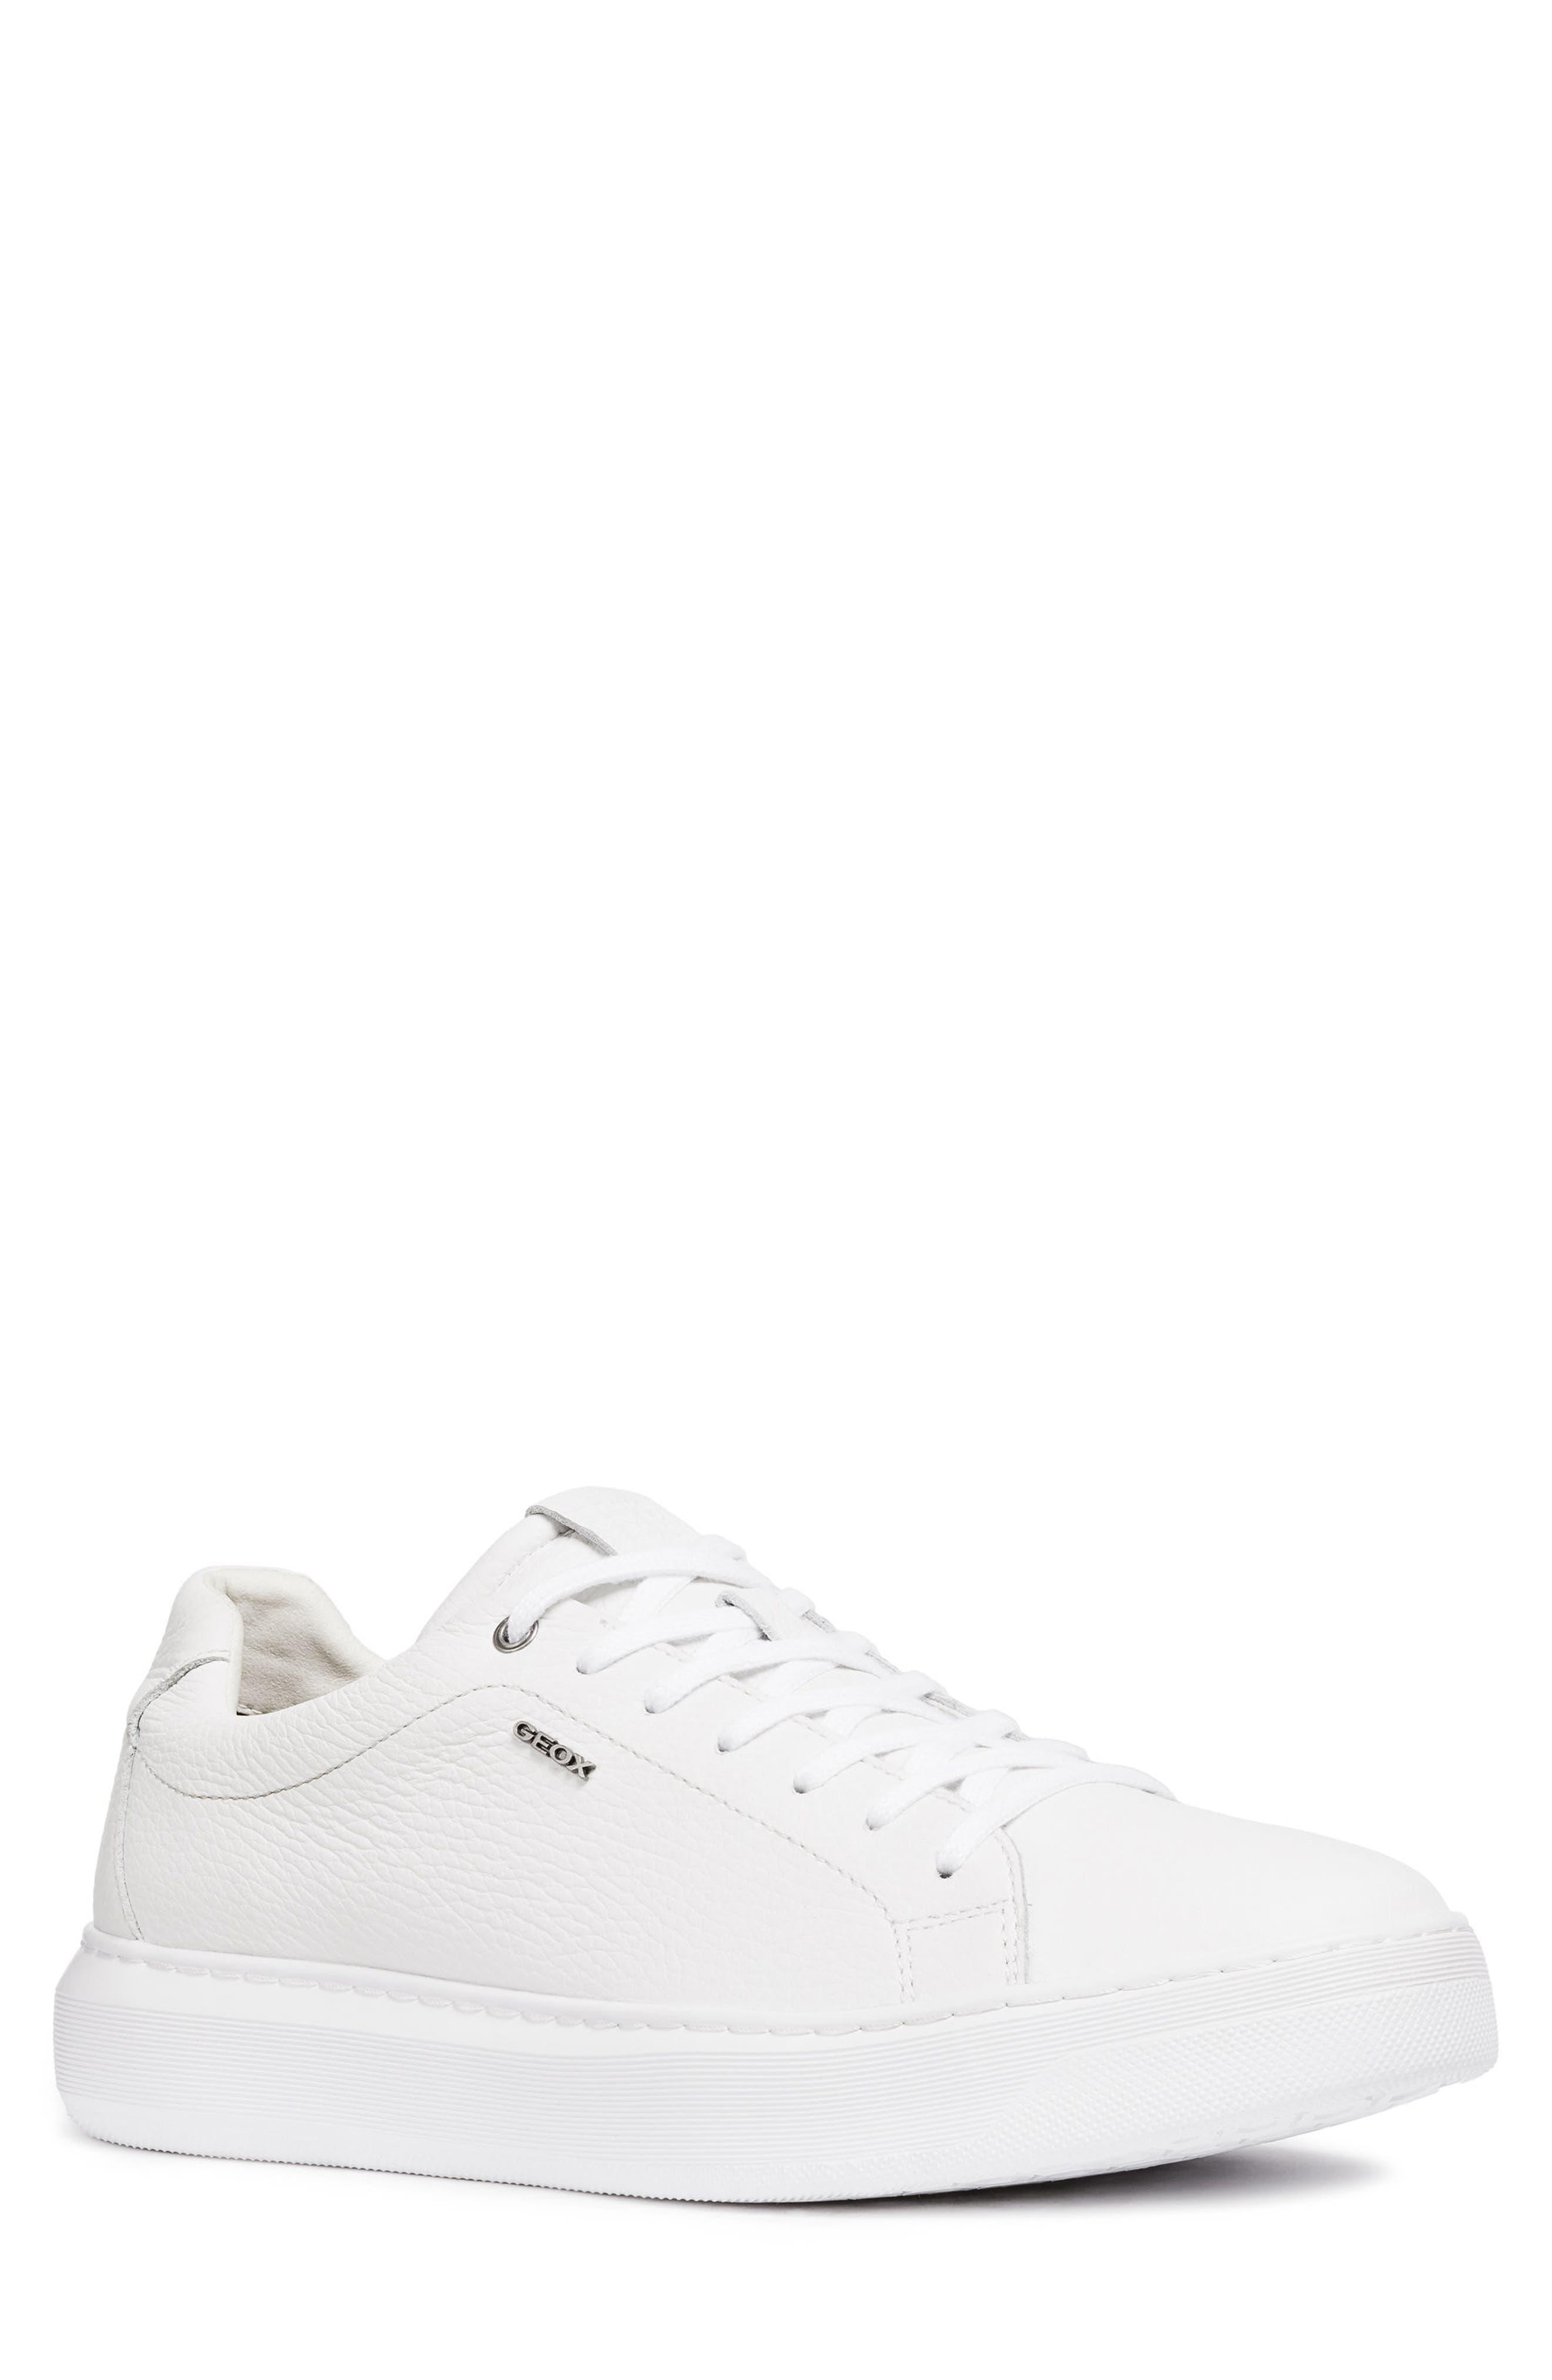 Geox Deiven 6 Low Top Sneaker, White